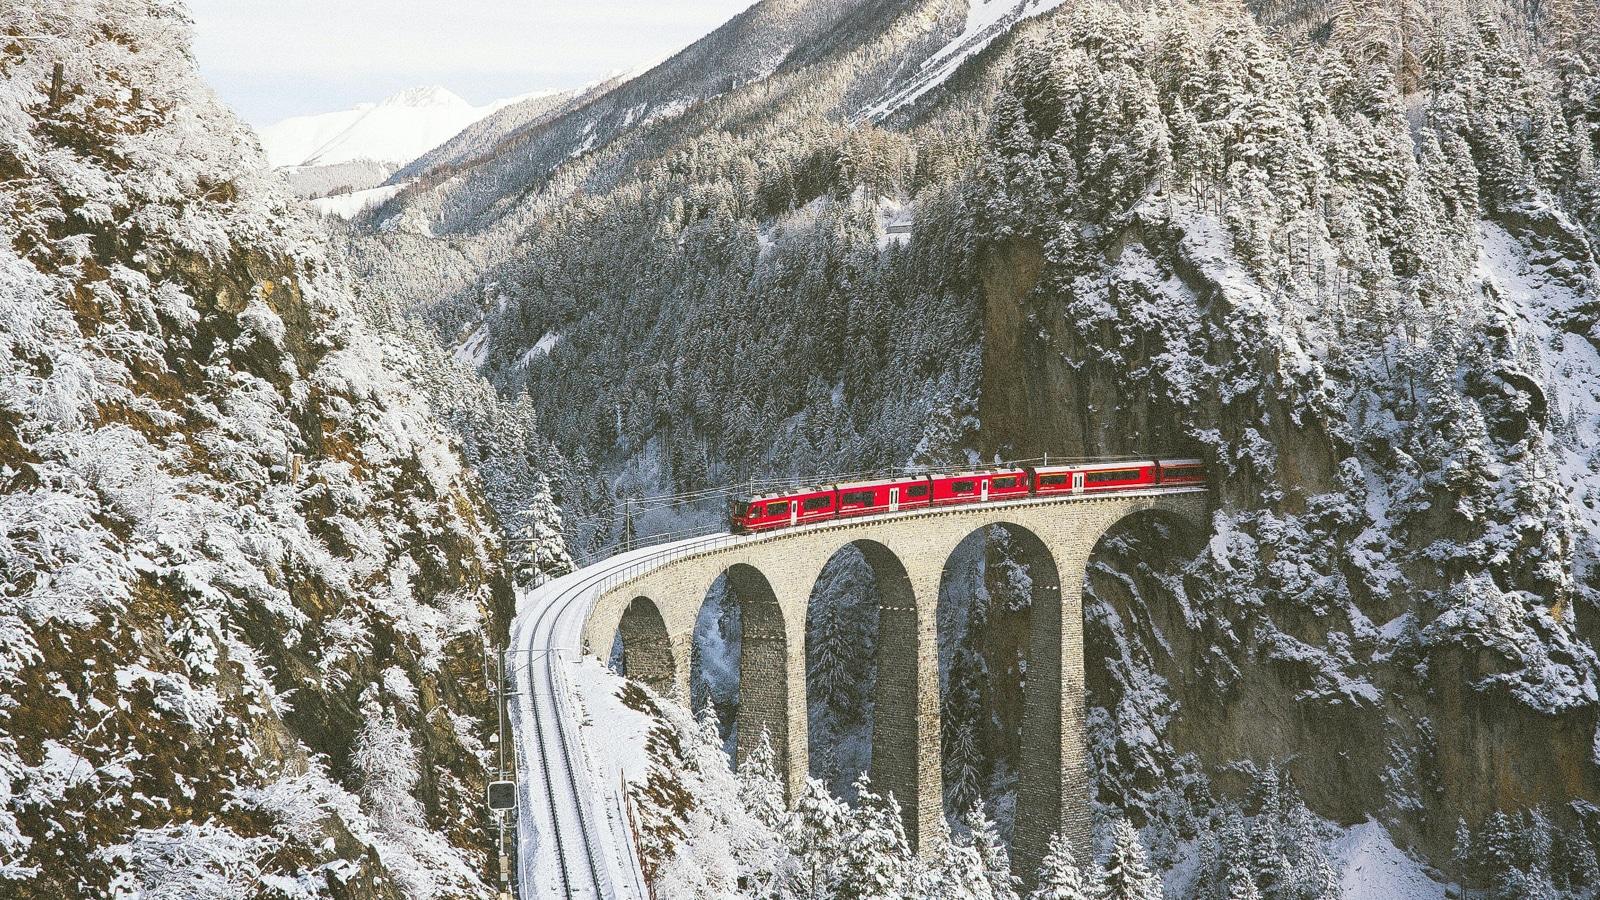 Suisse | 10 incontournables pour un voyage réussi